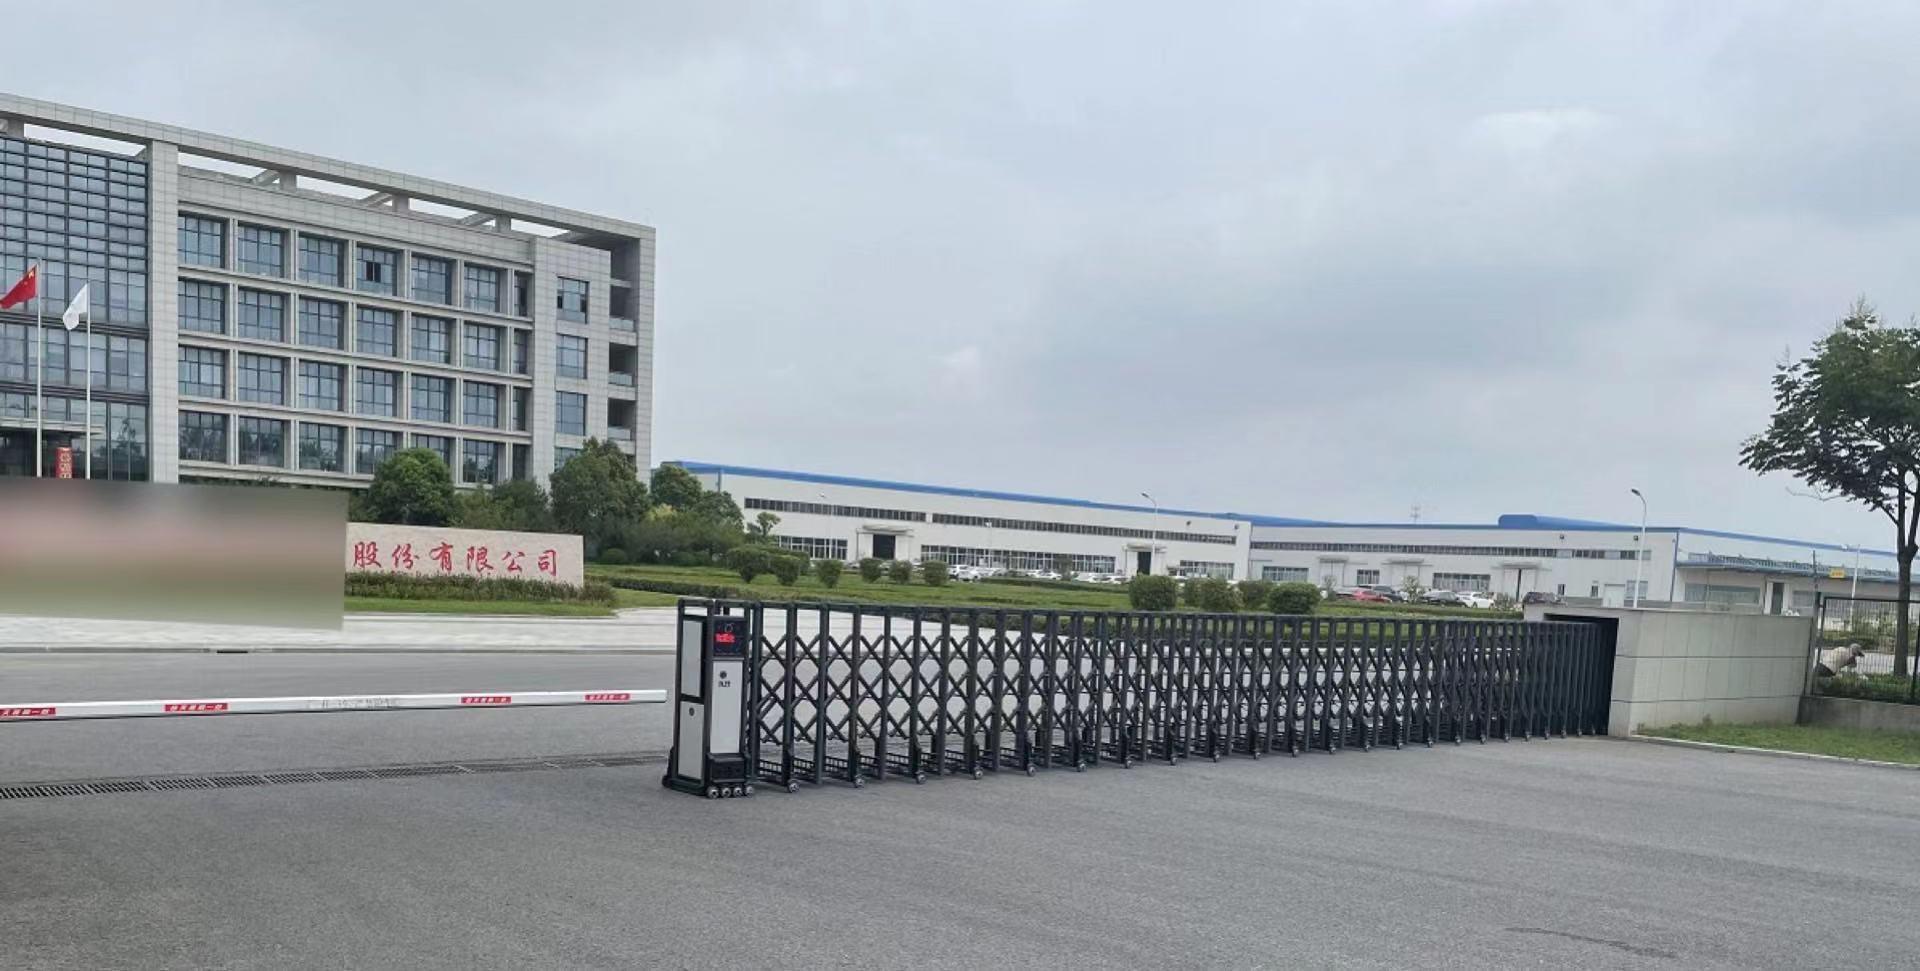 热烈祝贺江苏XX动力有限公司2021年9月通过Lowe's验厂人权验厂、...